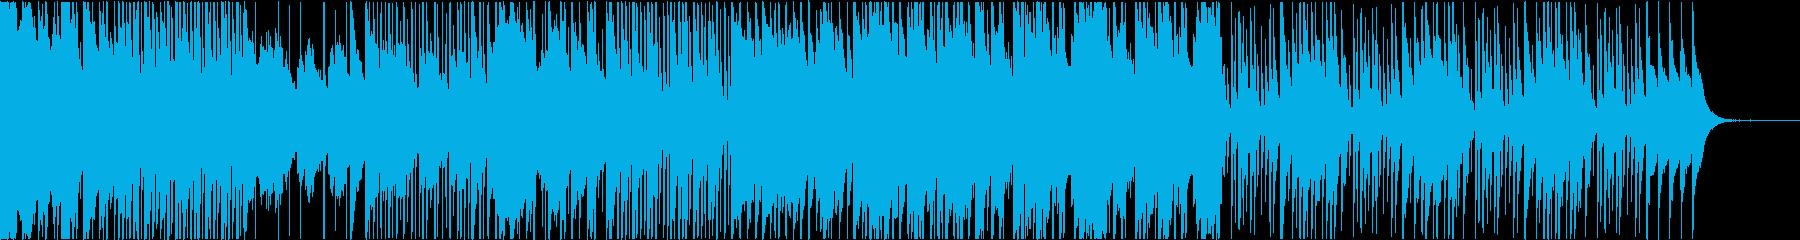 インド風の曲の再生済みの波形